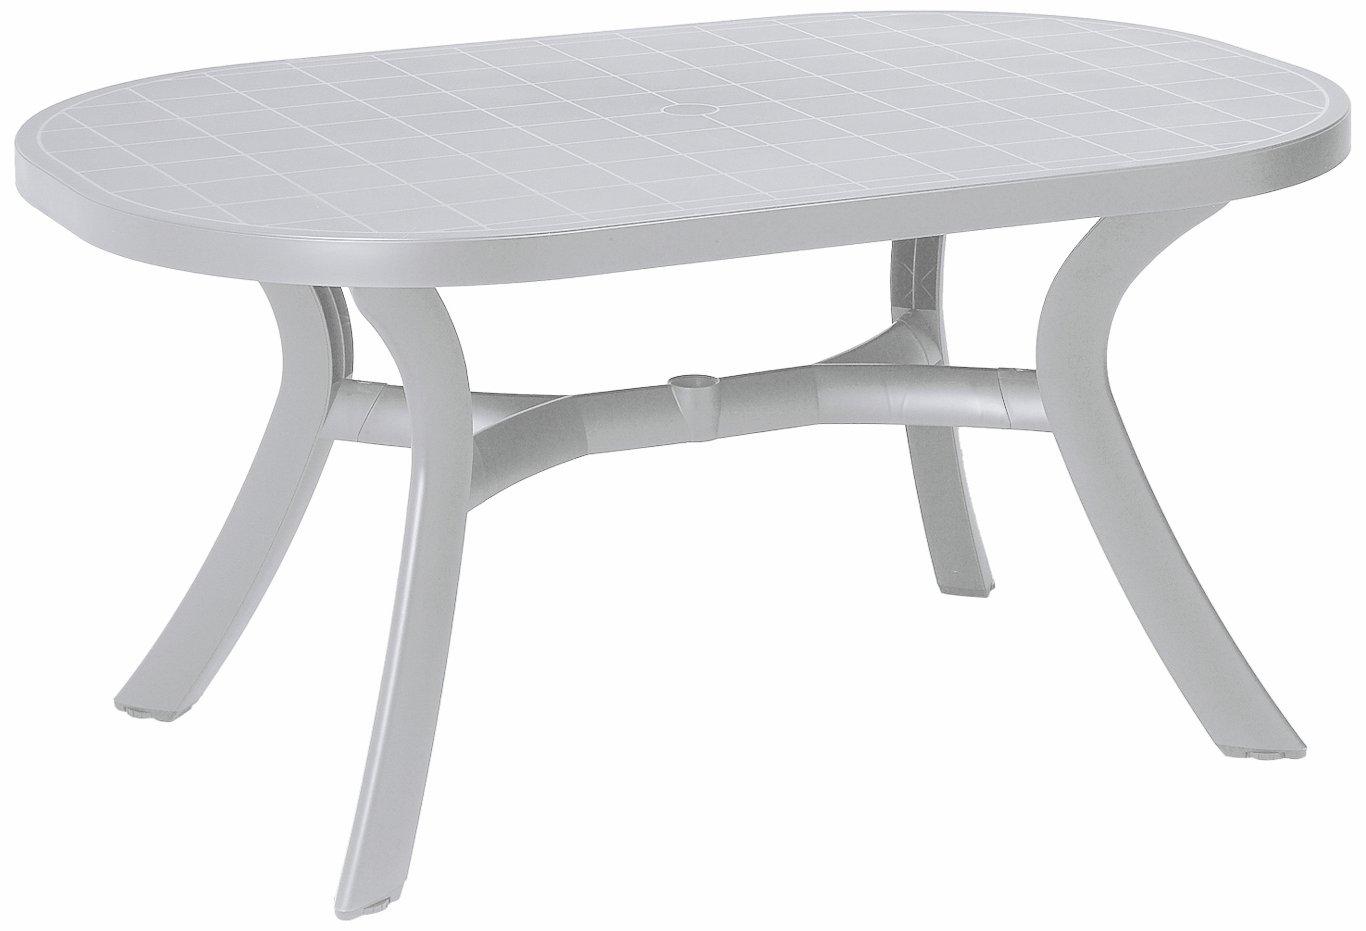 BEST 18511500 Tisch Kansas oval 145 x 95 cm, weiß kaufen